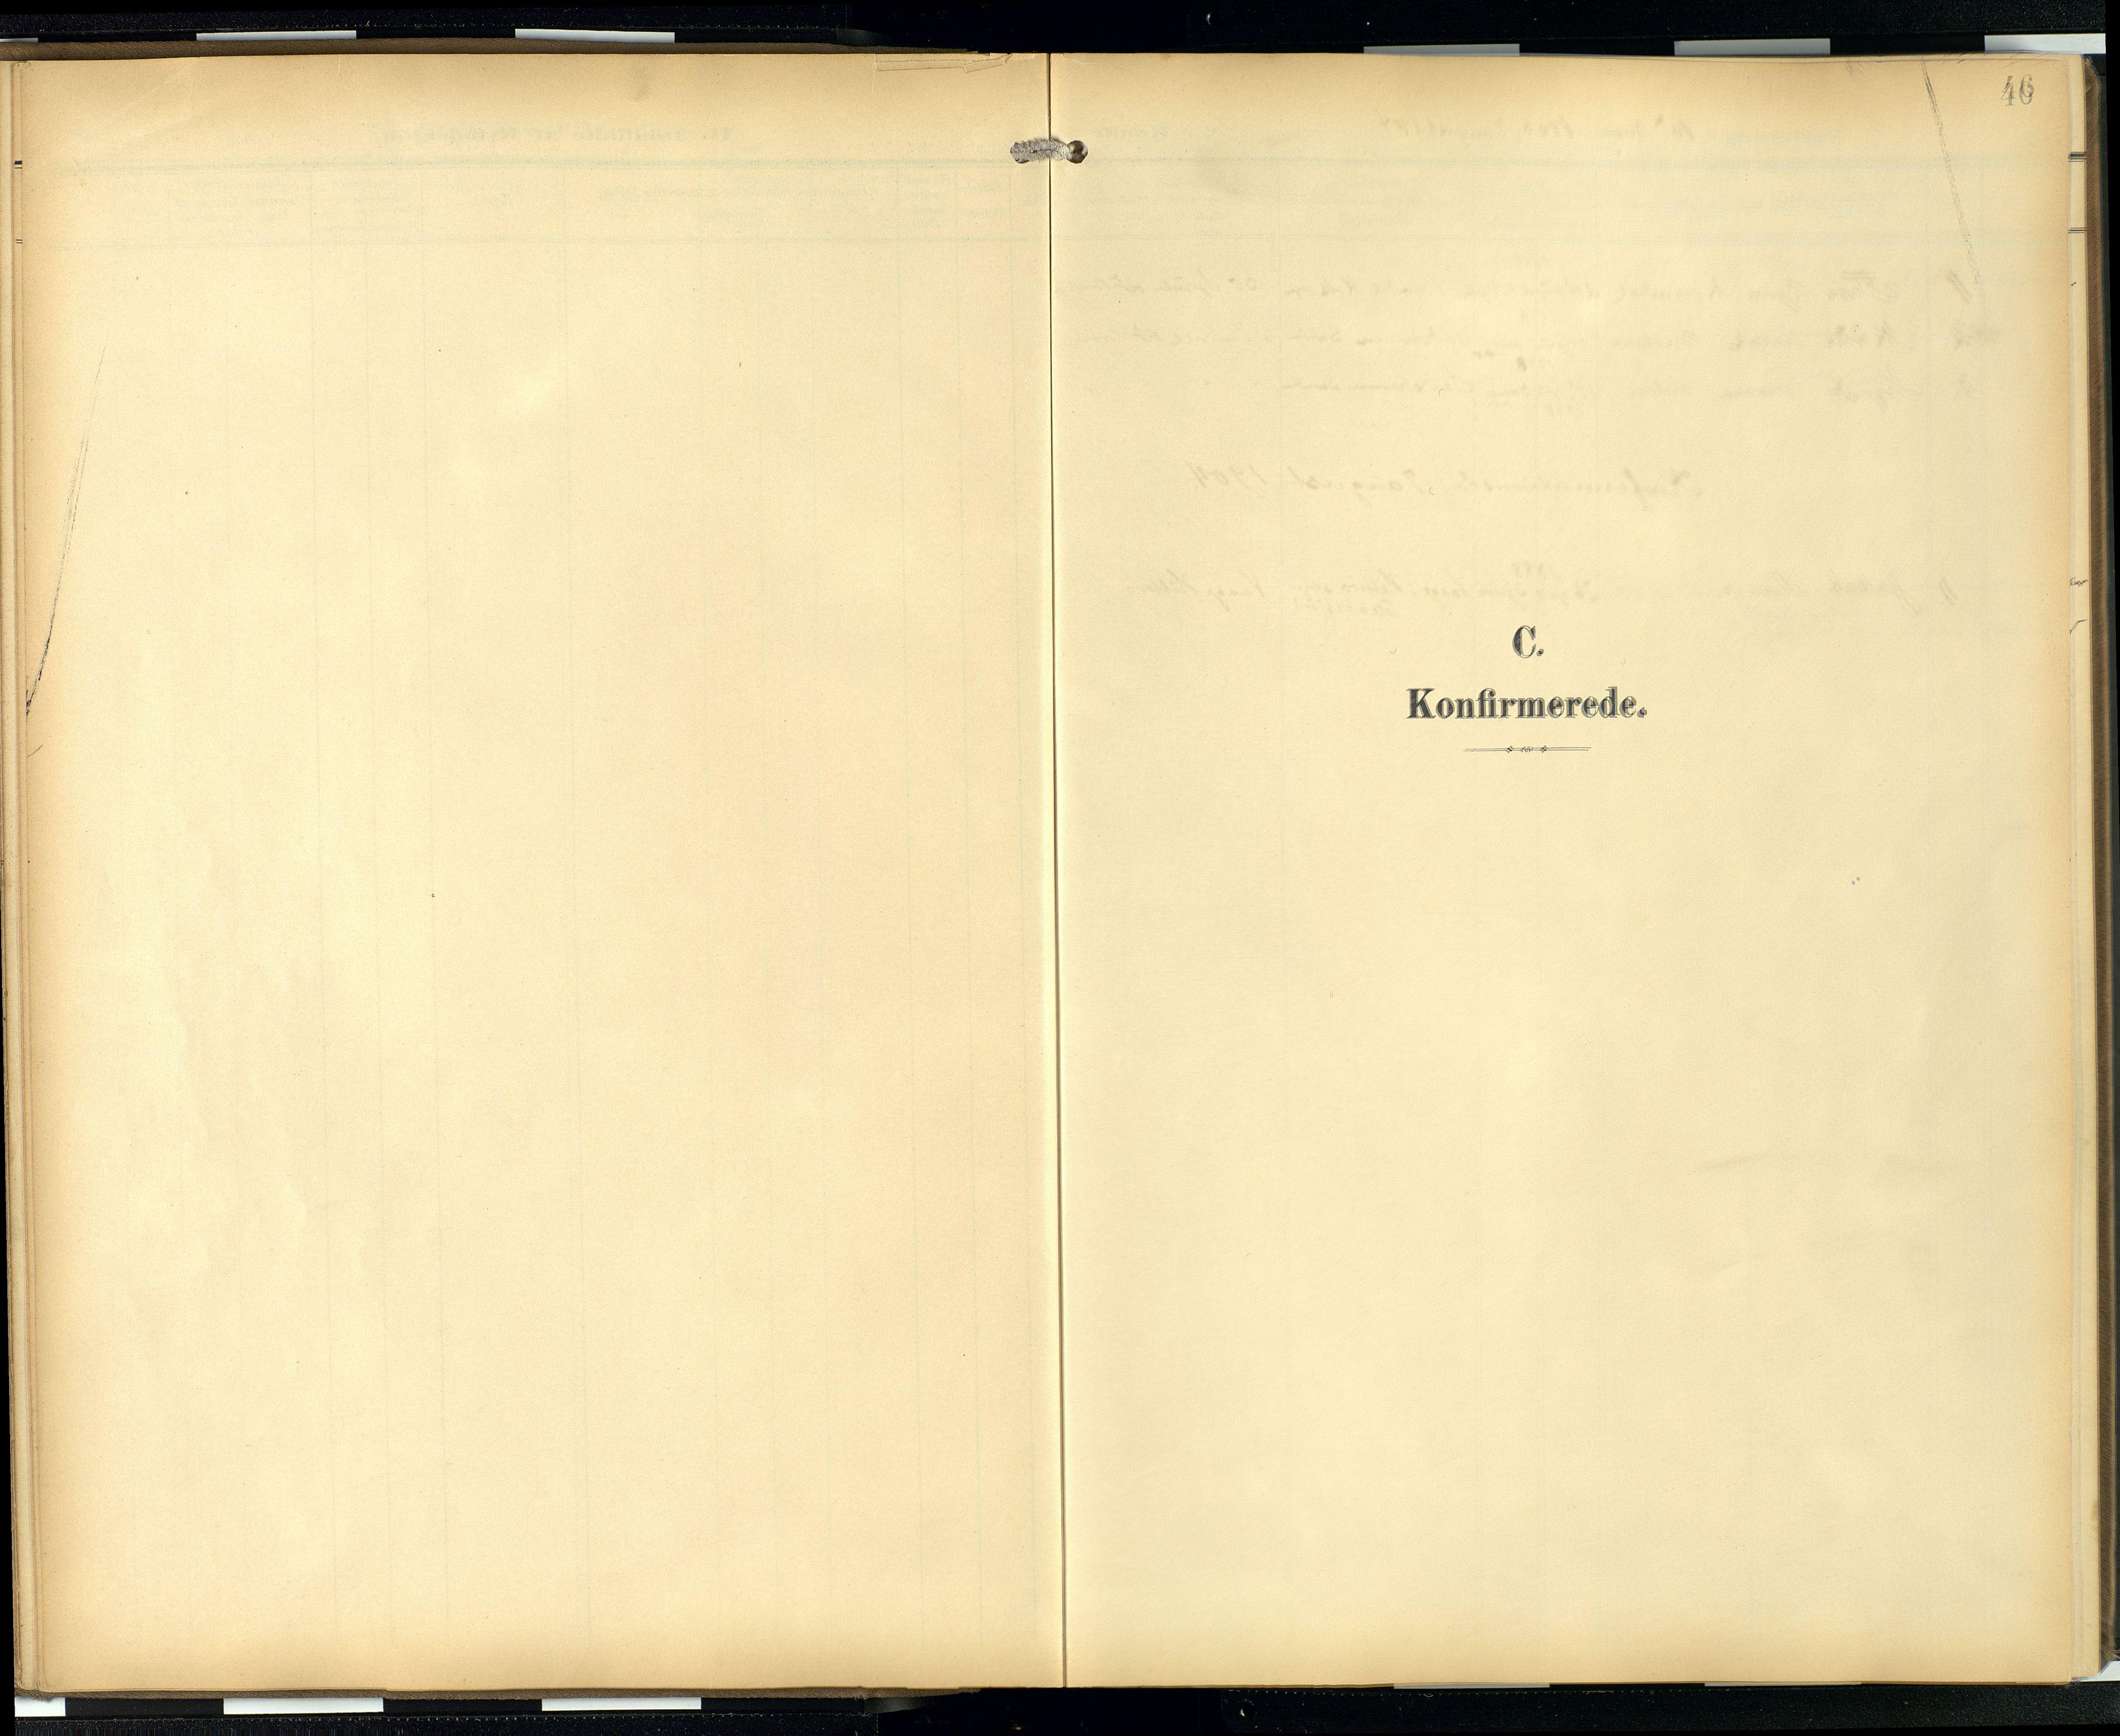 SAB, Privatarkiv 103 - Den norske sjømannsmisjon i utlandet/London m/bistasjoner, H/Ha/L0003: Ministerialbok nr. A 3, 1903-1934, s. 45b-46a